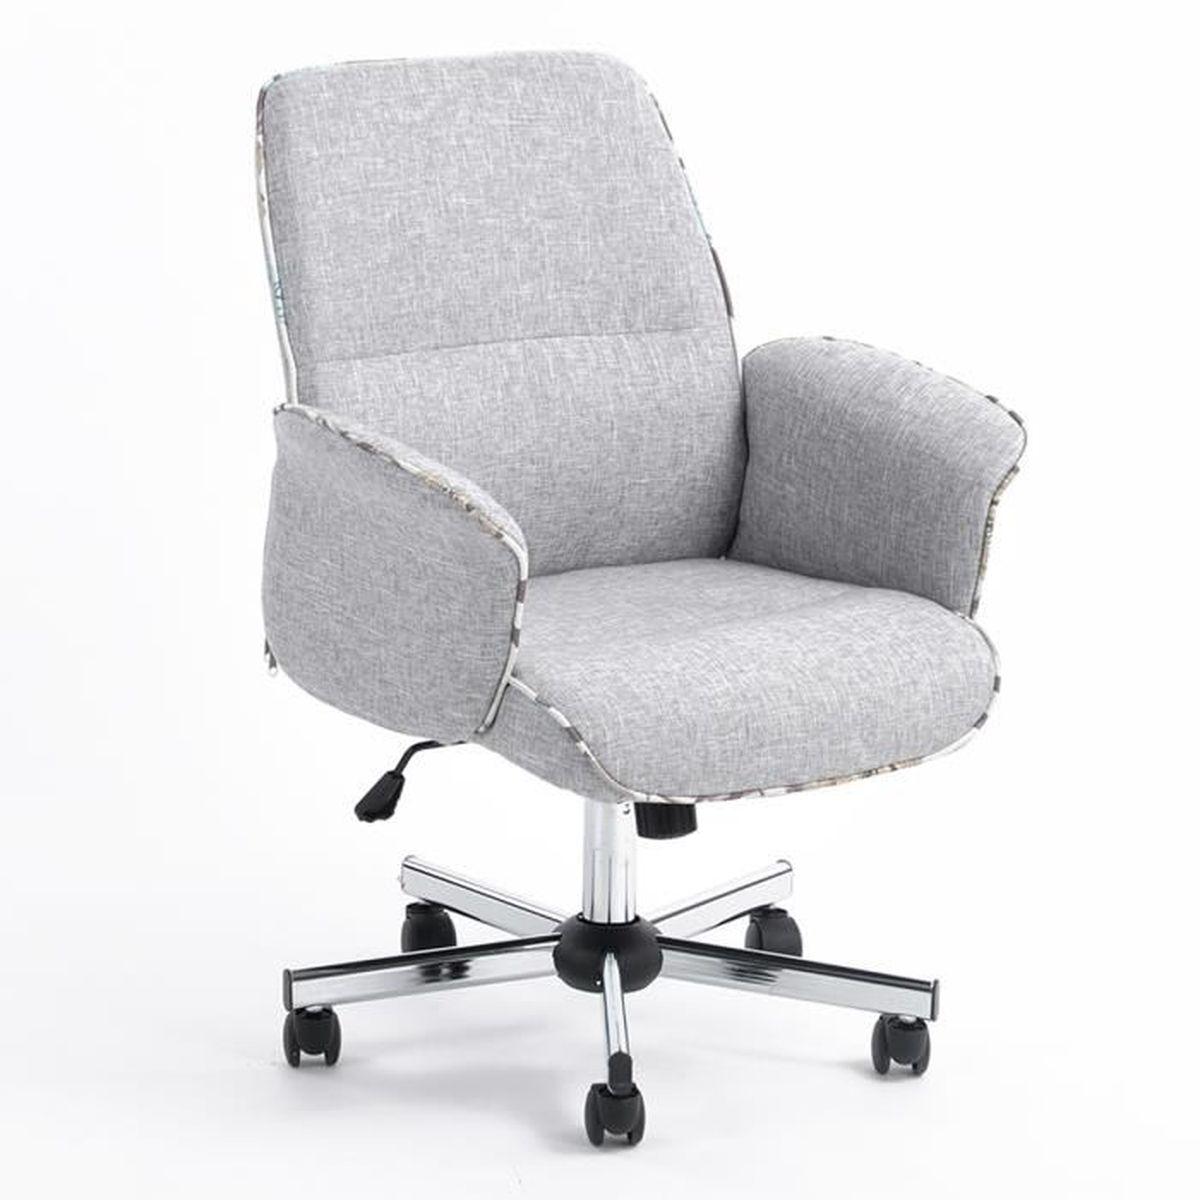 CHAISE Fauteuil de bureau 64x61.5x90-98cm Chaise Moderne